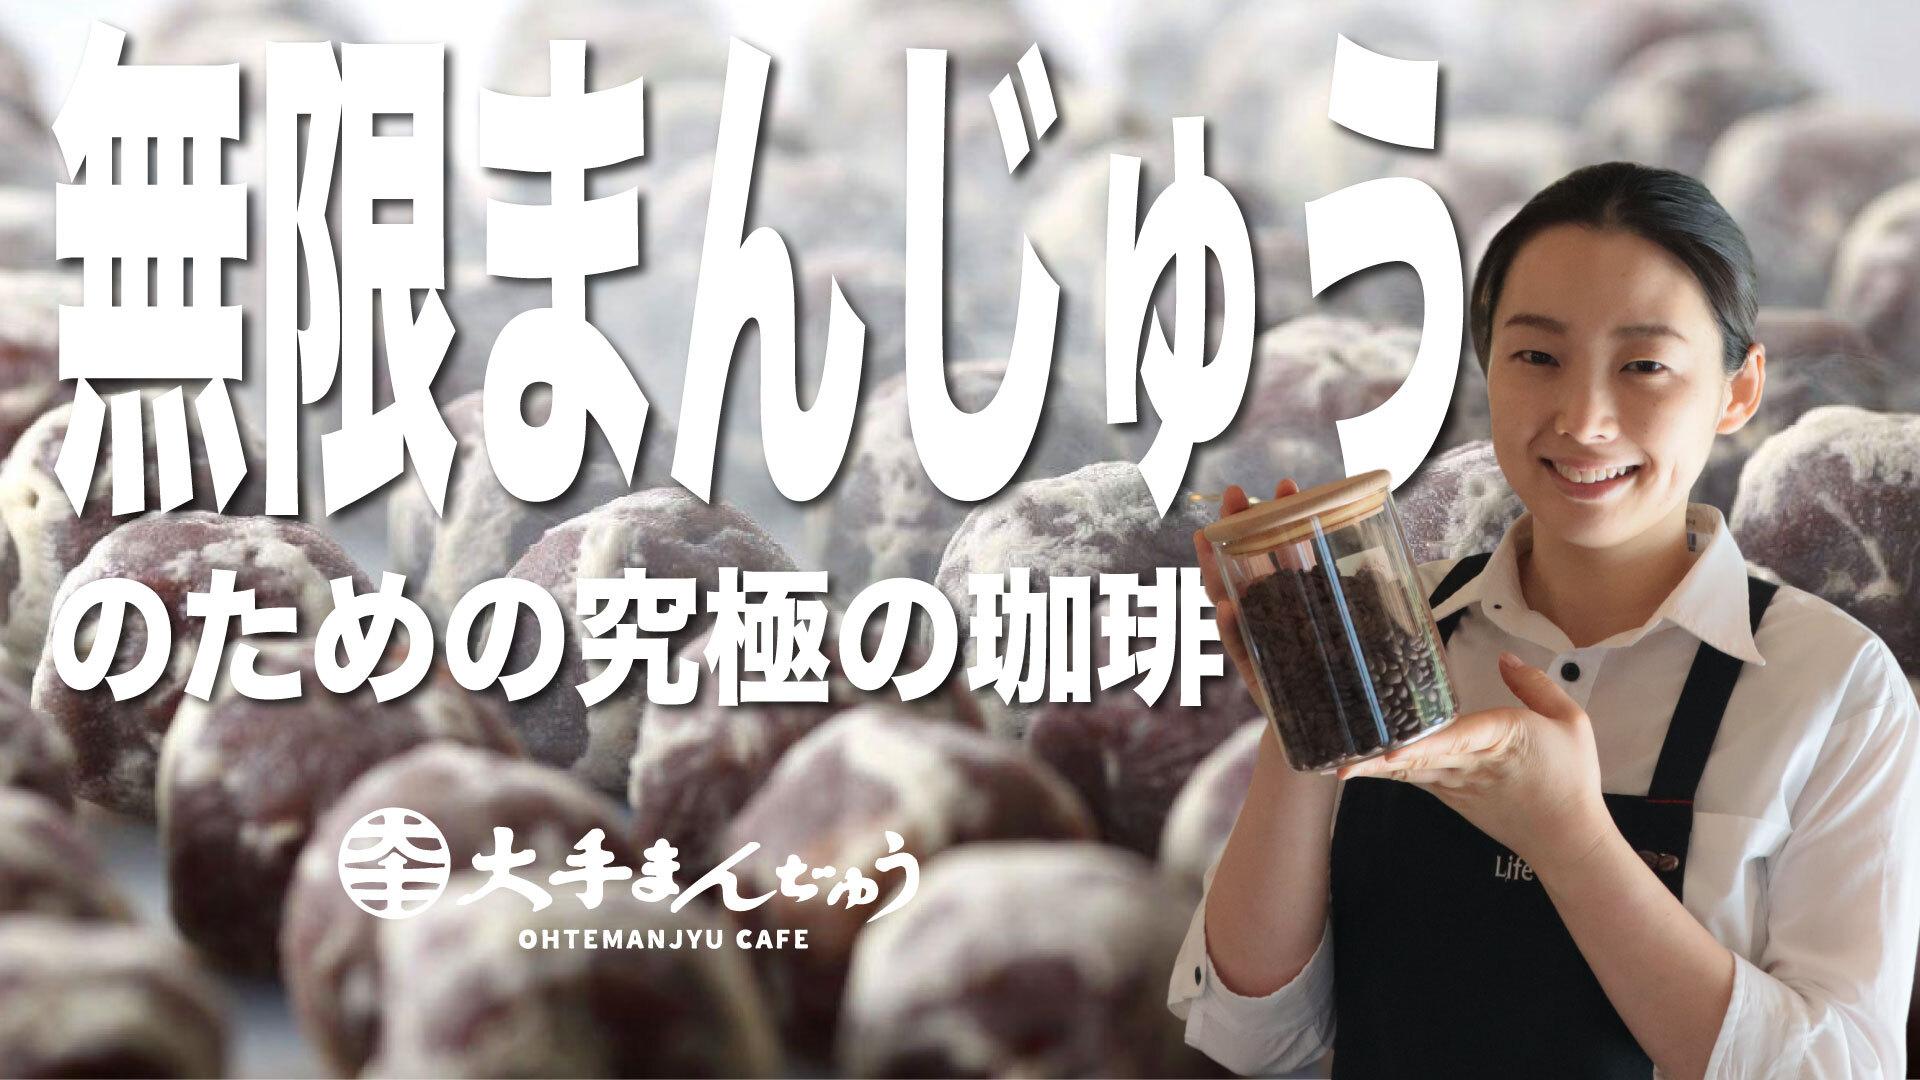 大手まんぢゅう専用焙煎珈琲(100g)